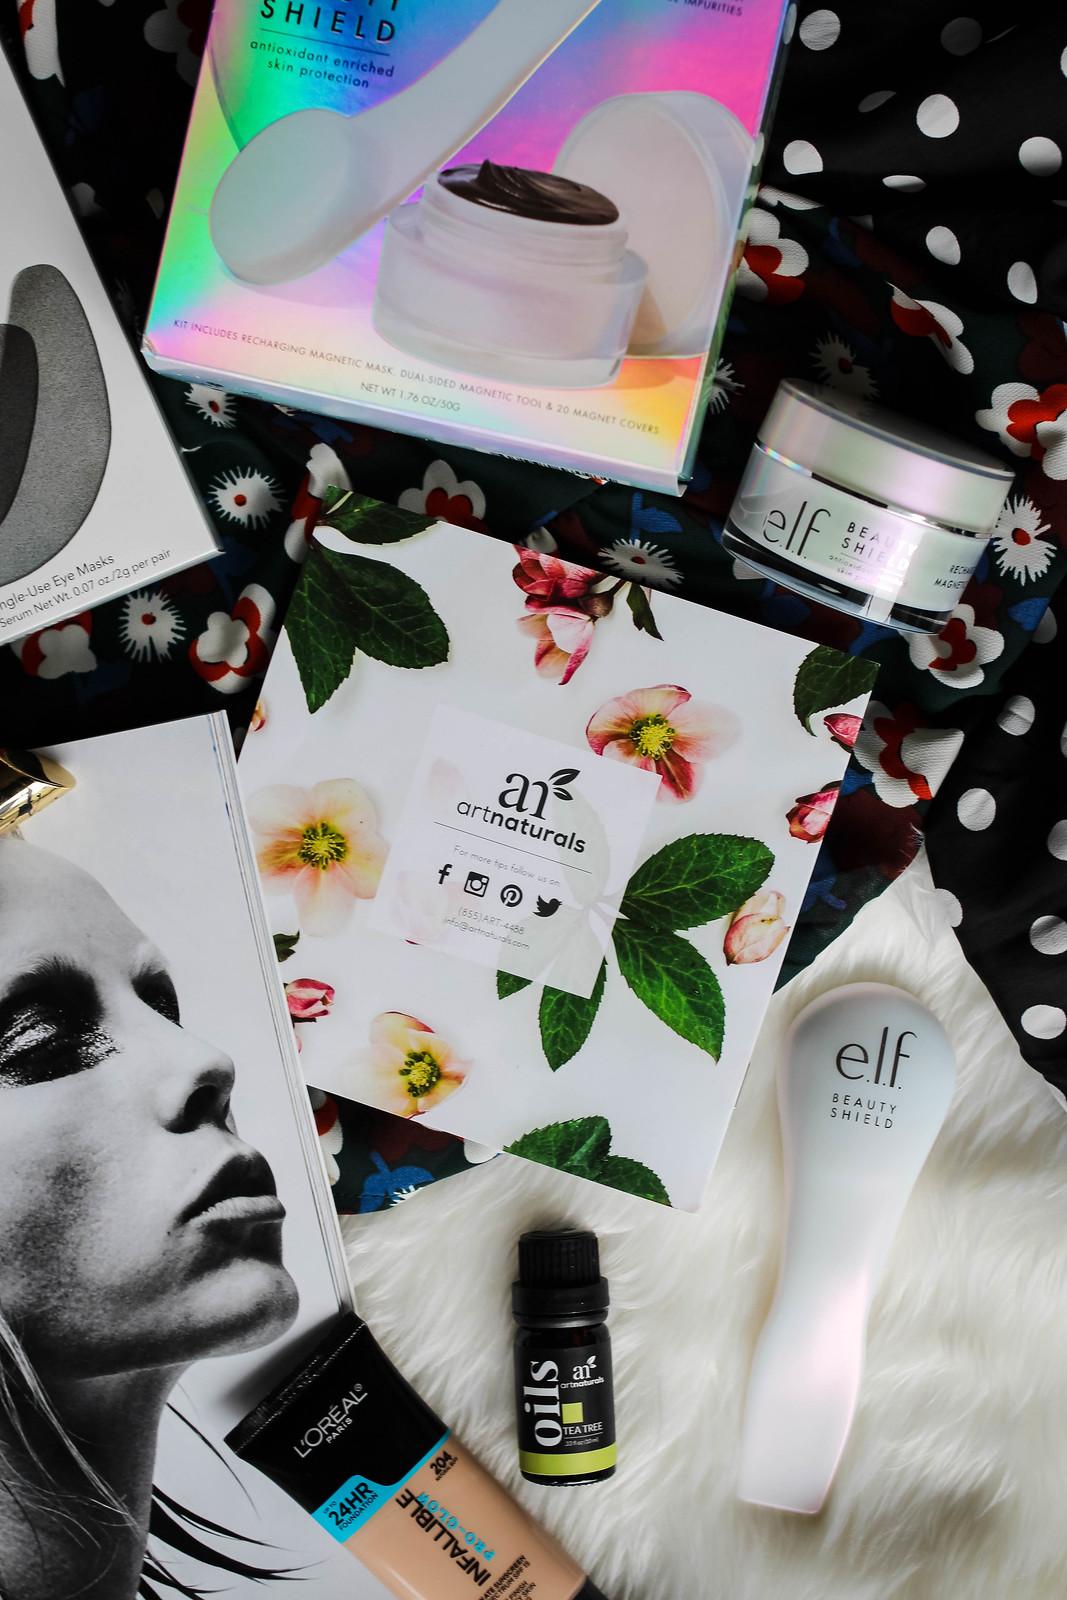 ArtNaturals Essential Oils Tea Tree elf Cosmetics Beauty Shield